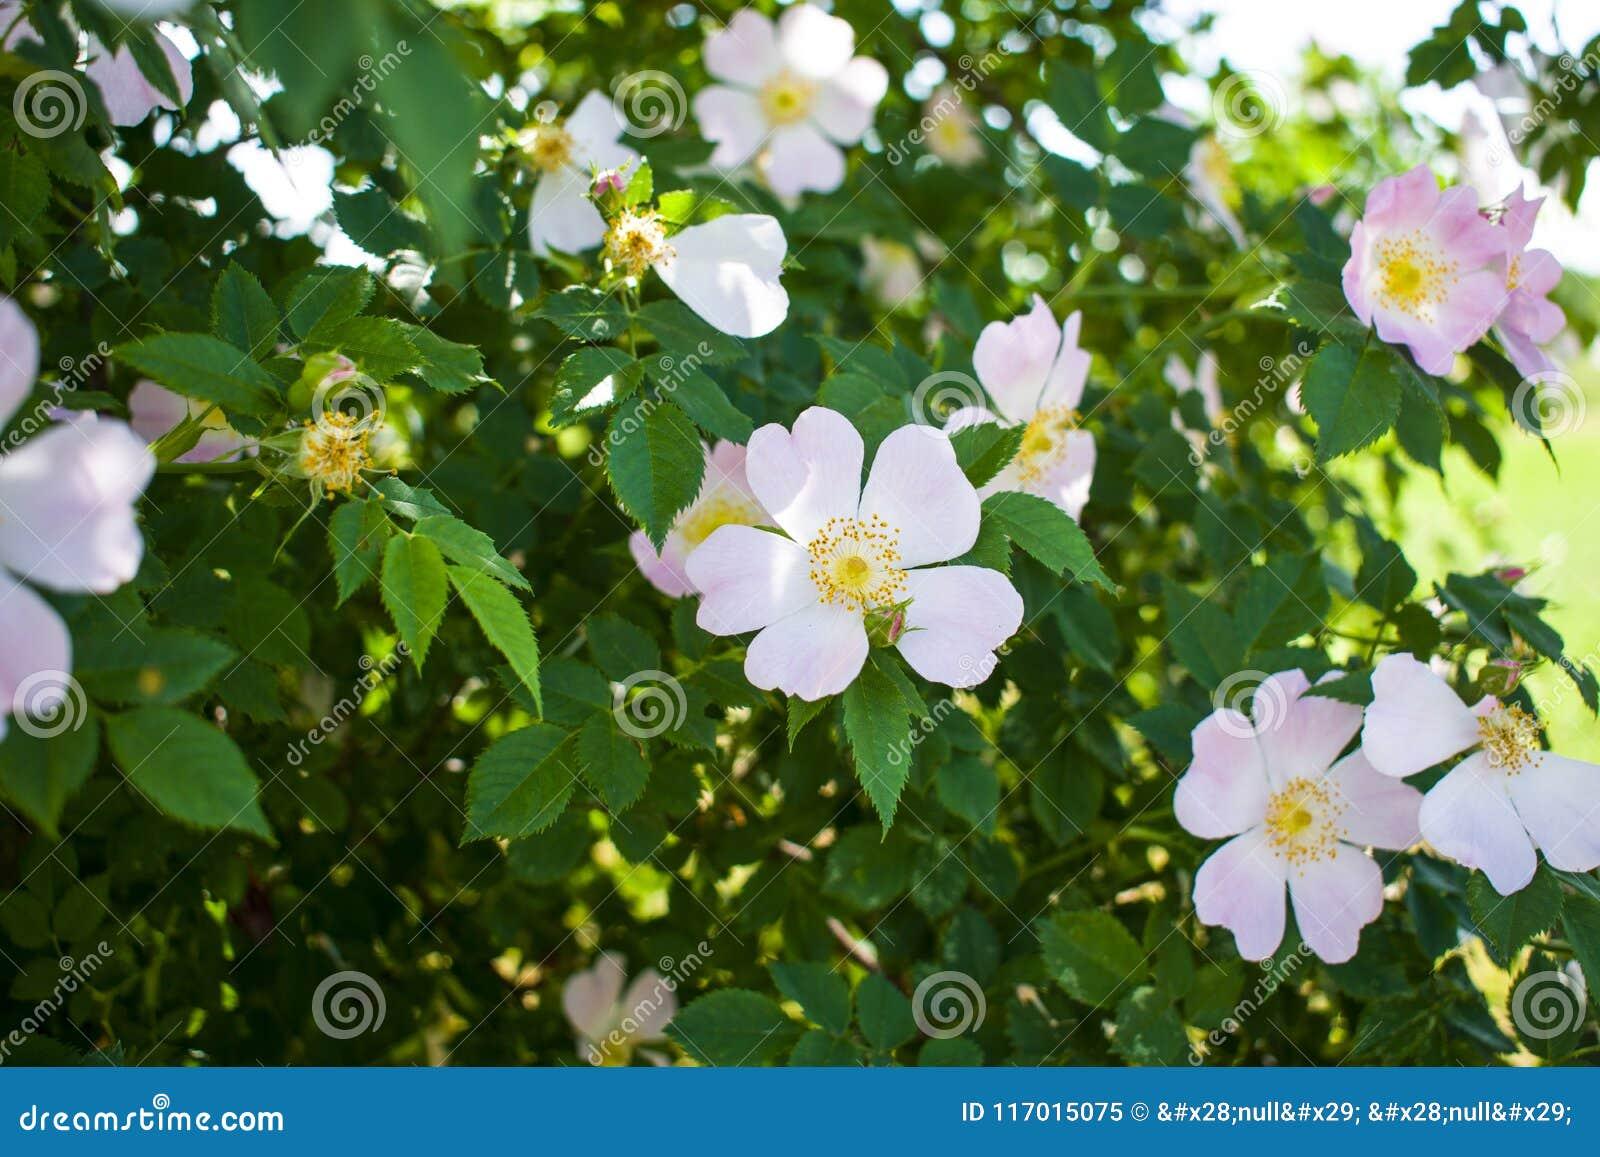 De mooie bloem die nam op een achtergrond van groene bladeren toe bloeien